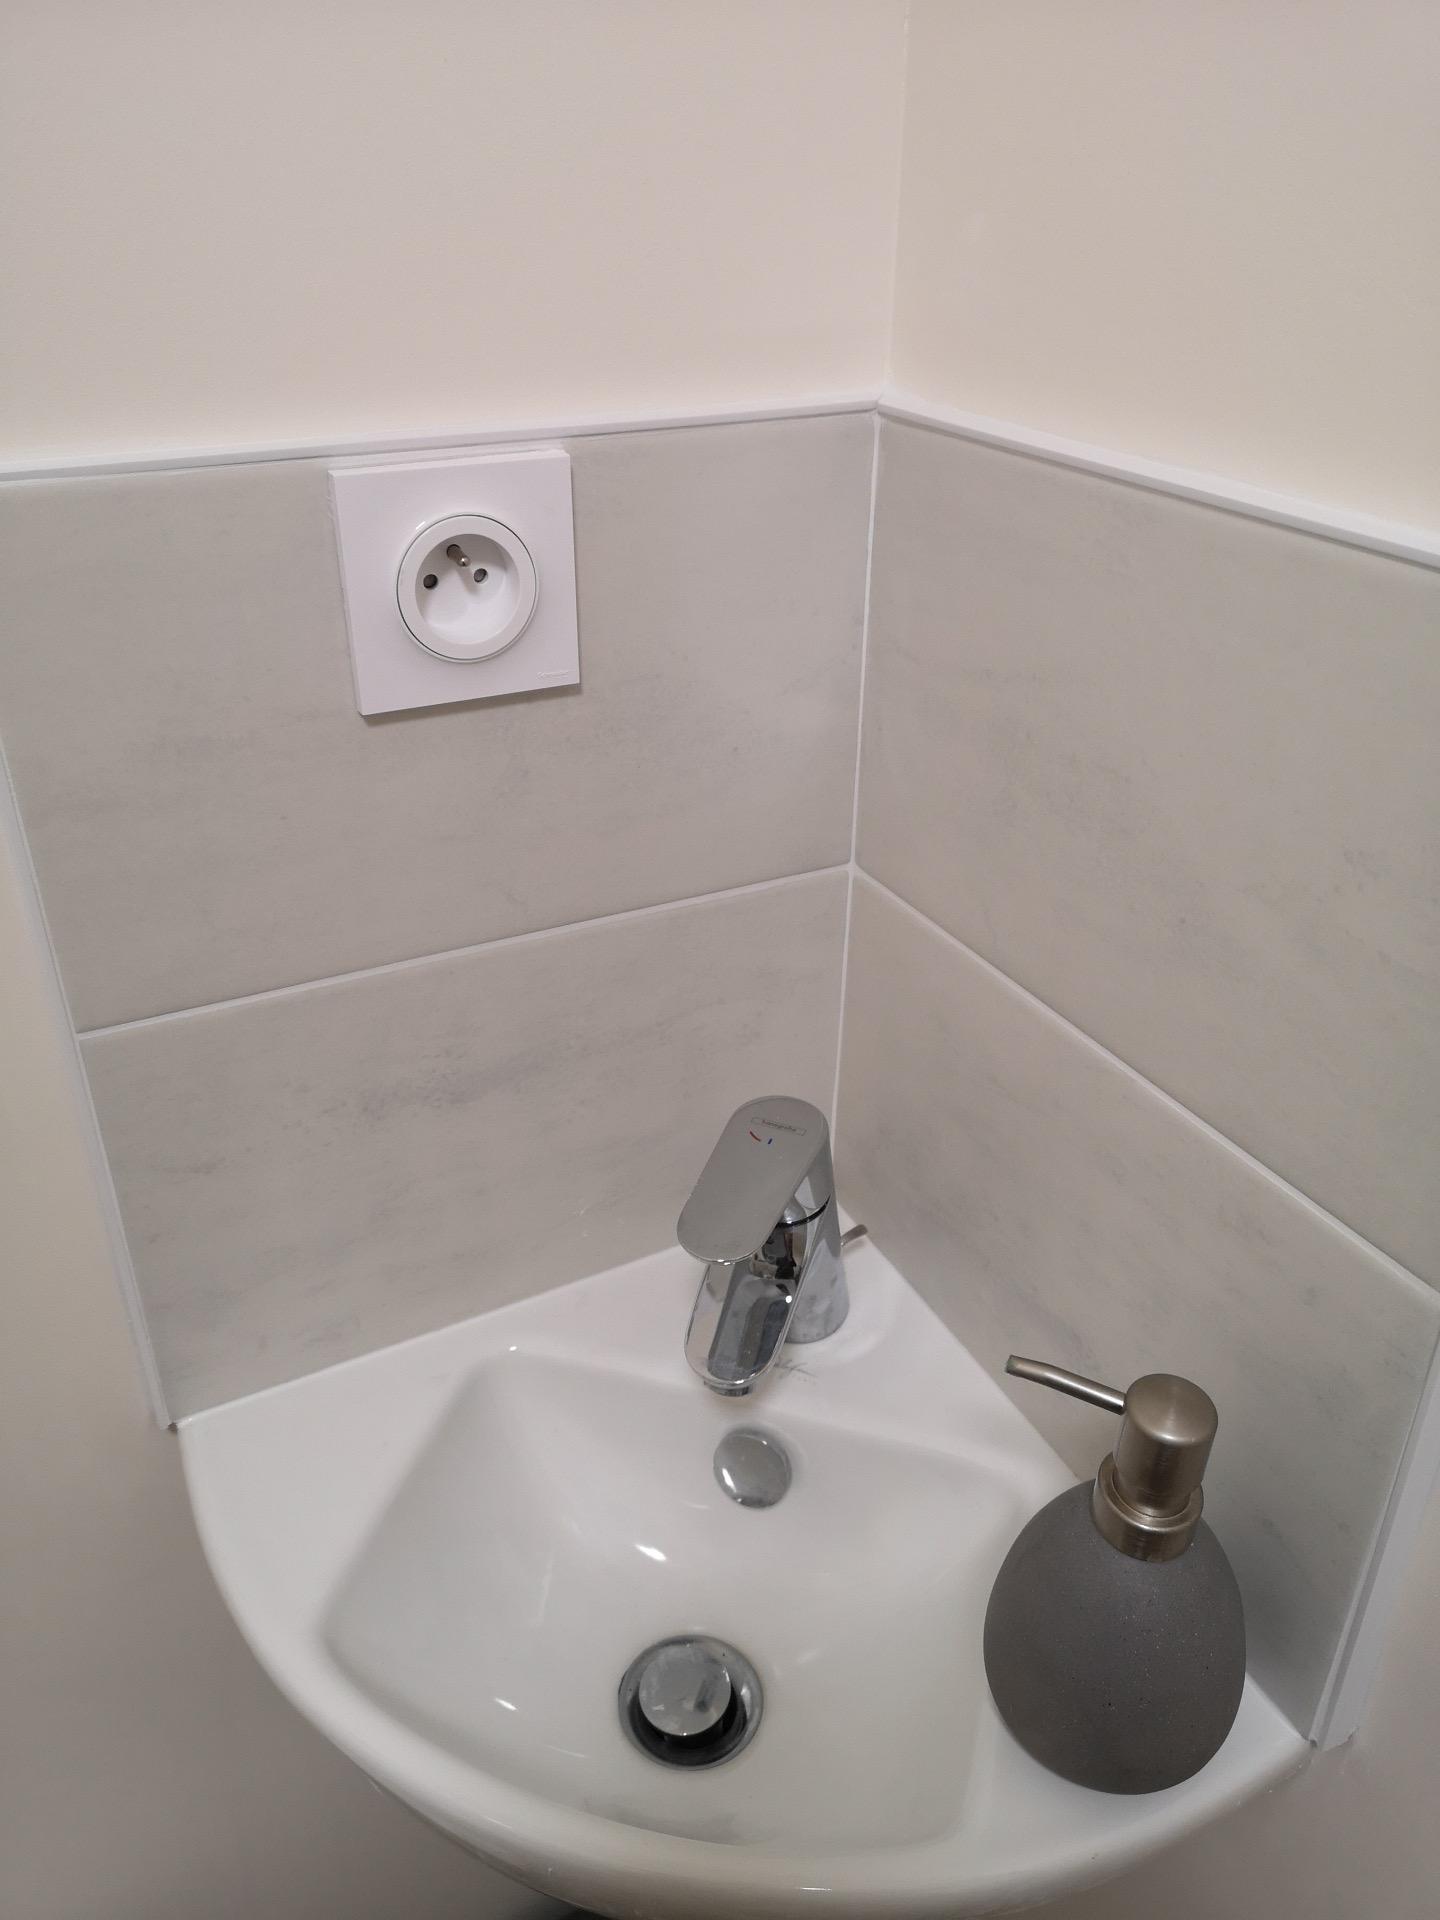 creation d'un toilette type pmr